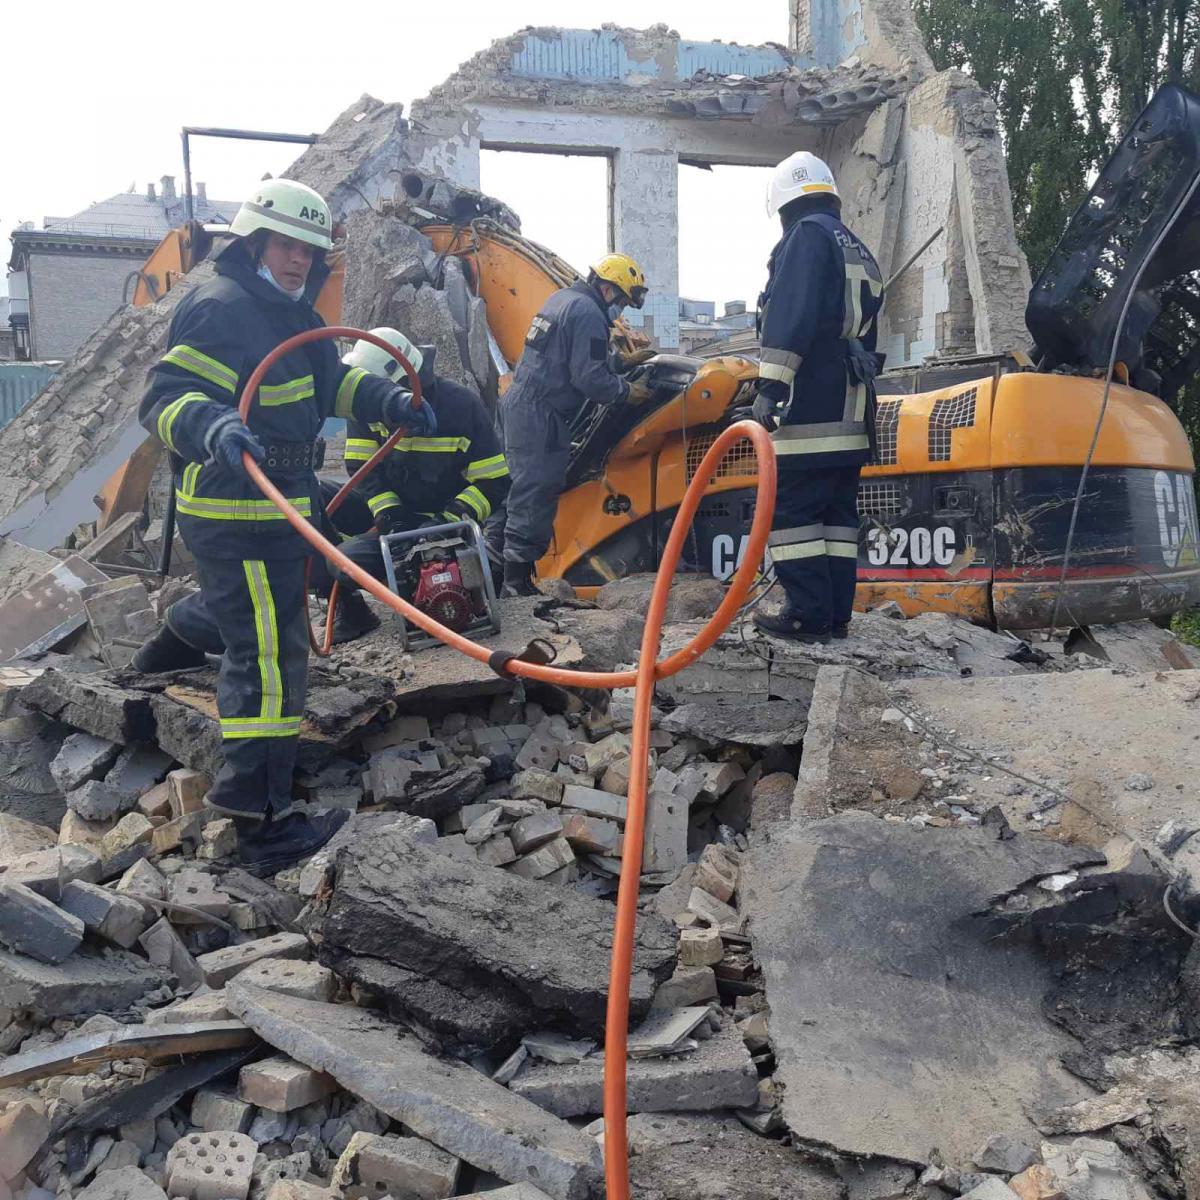 В Киеве во время обрушения бетонной плиты погиб человек / фото ГСЧС